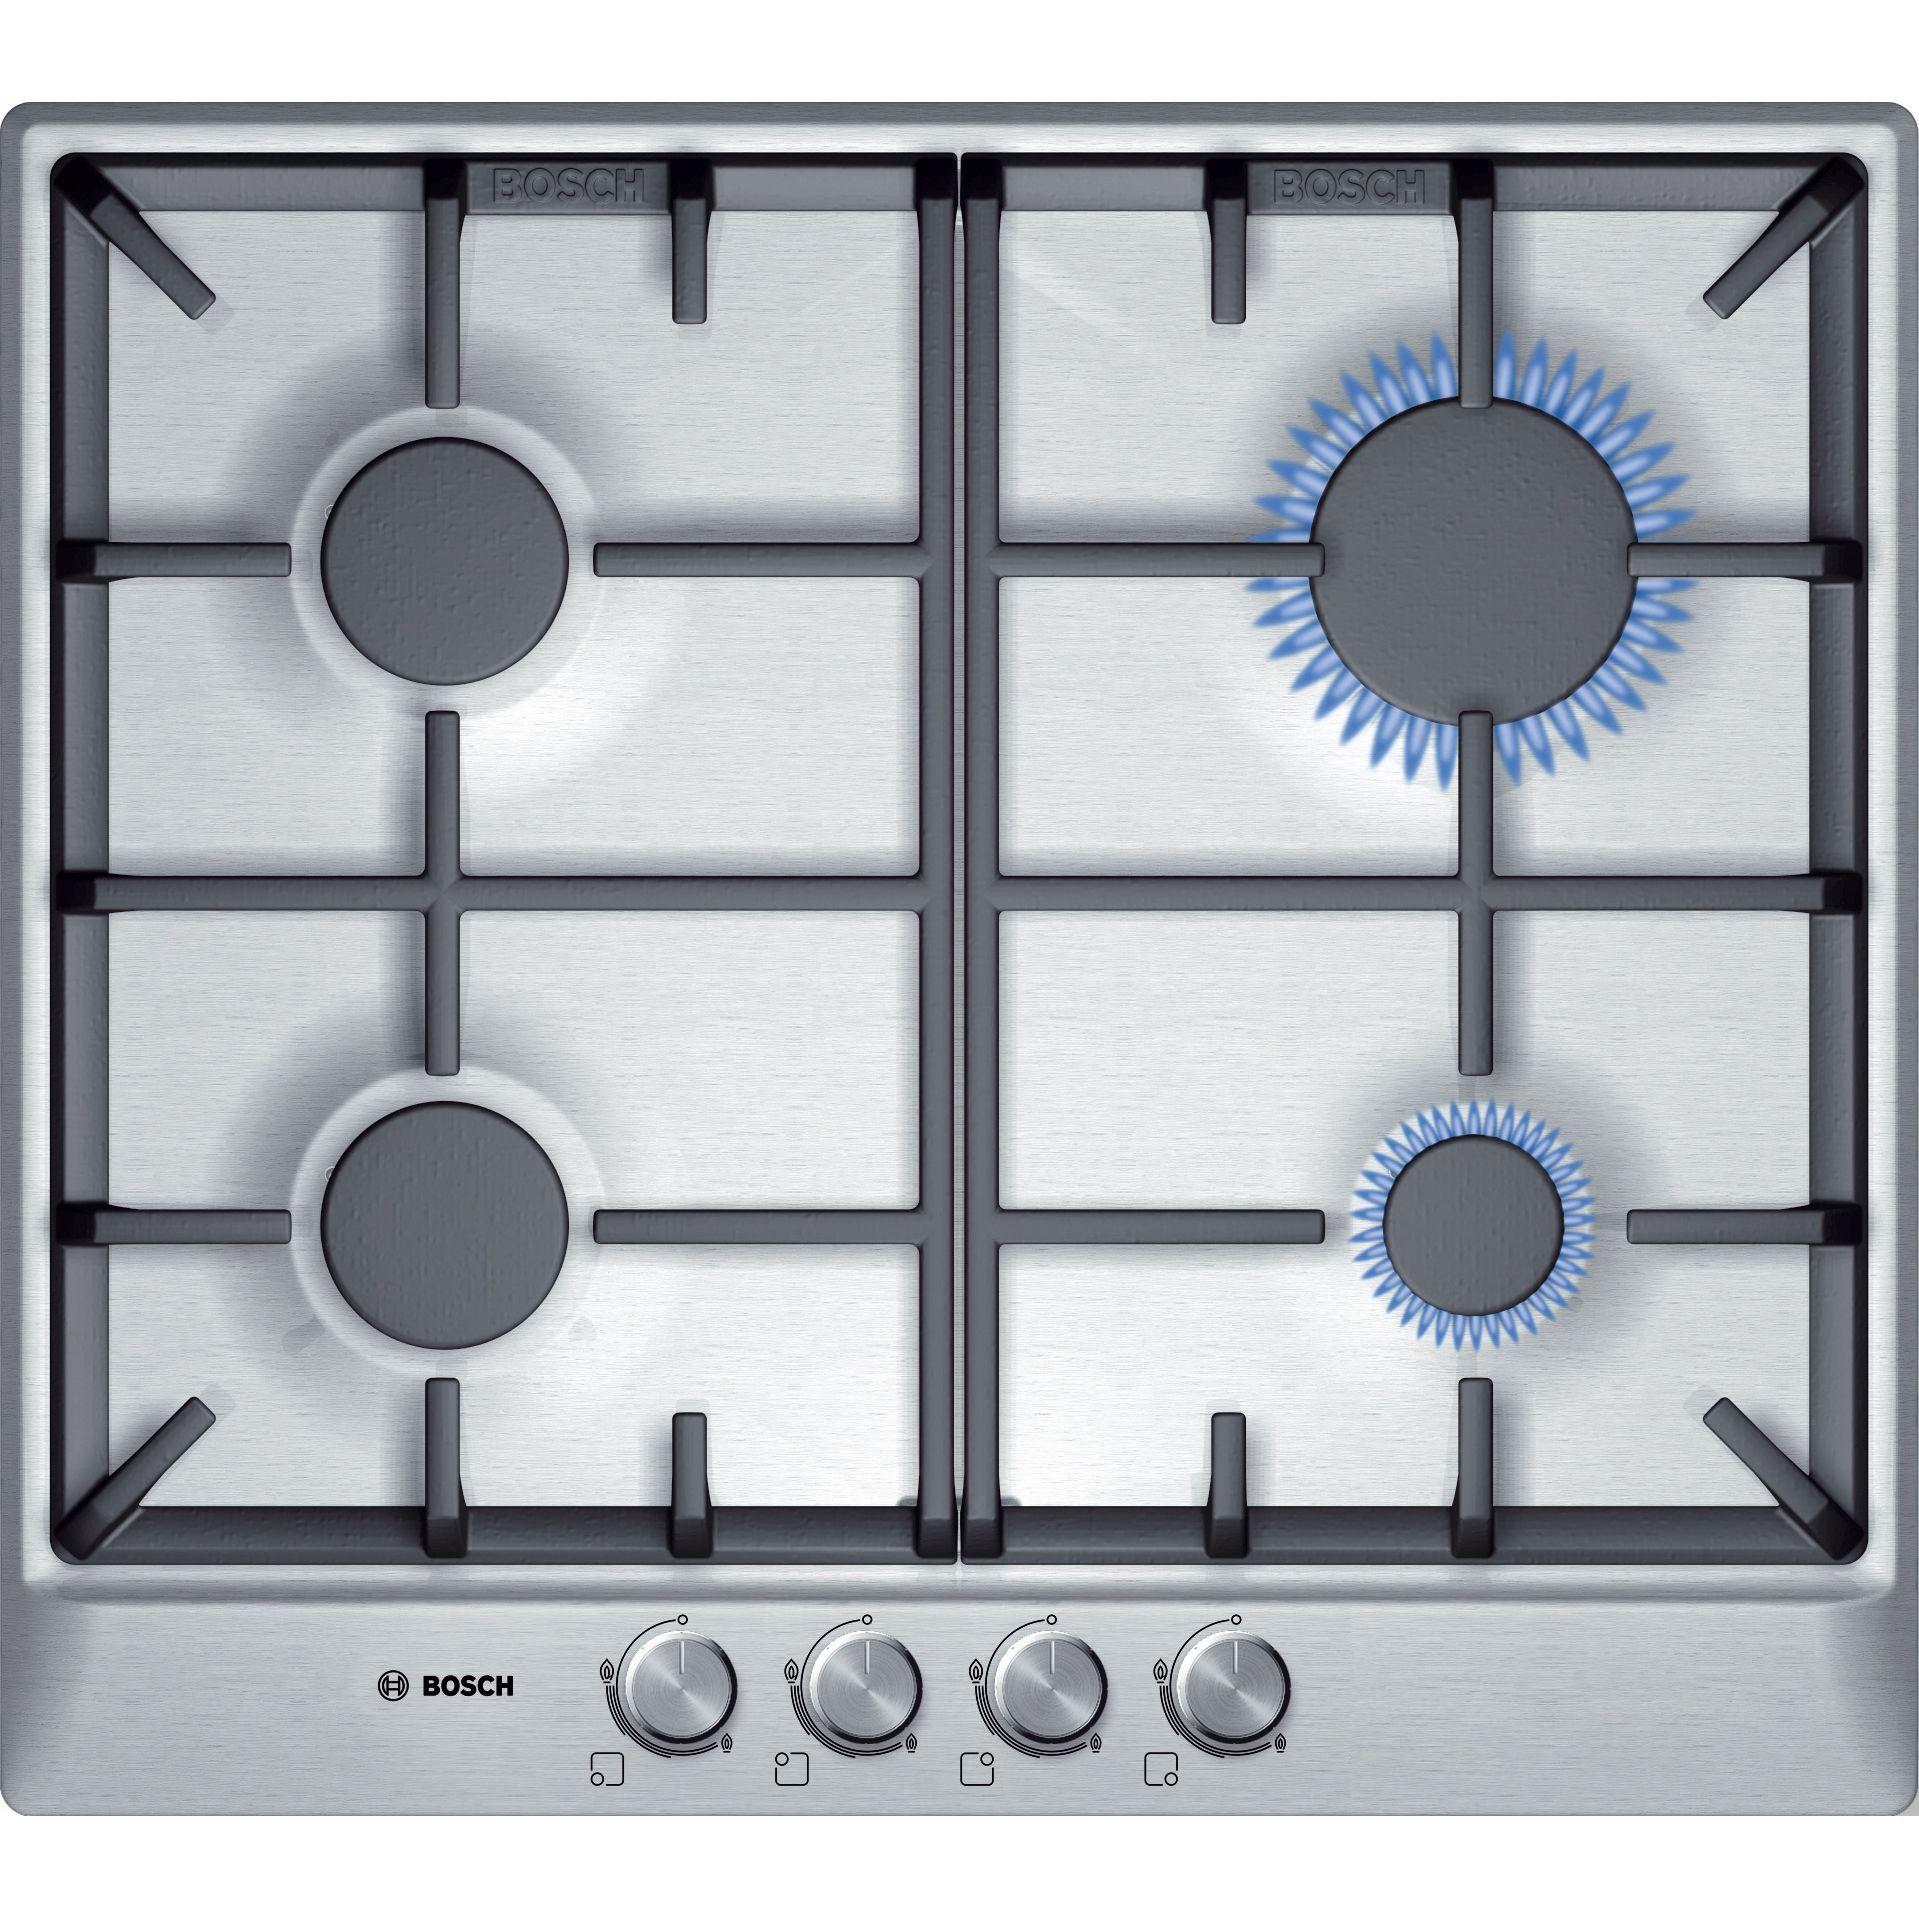 Bosch PCP615B90E reprezintă un model accesibil de plită încorporabilă pe gaz, un aparat electrocasnic eficient, potrivit perfect oricarui stil de bucătărie. Este un produs cu alimentare pe gaz, ce dispune de 4 arzătoare de diferite …